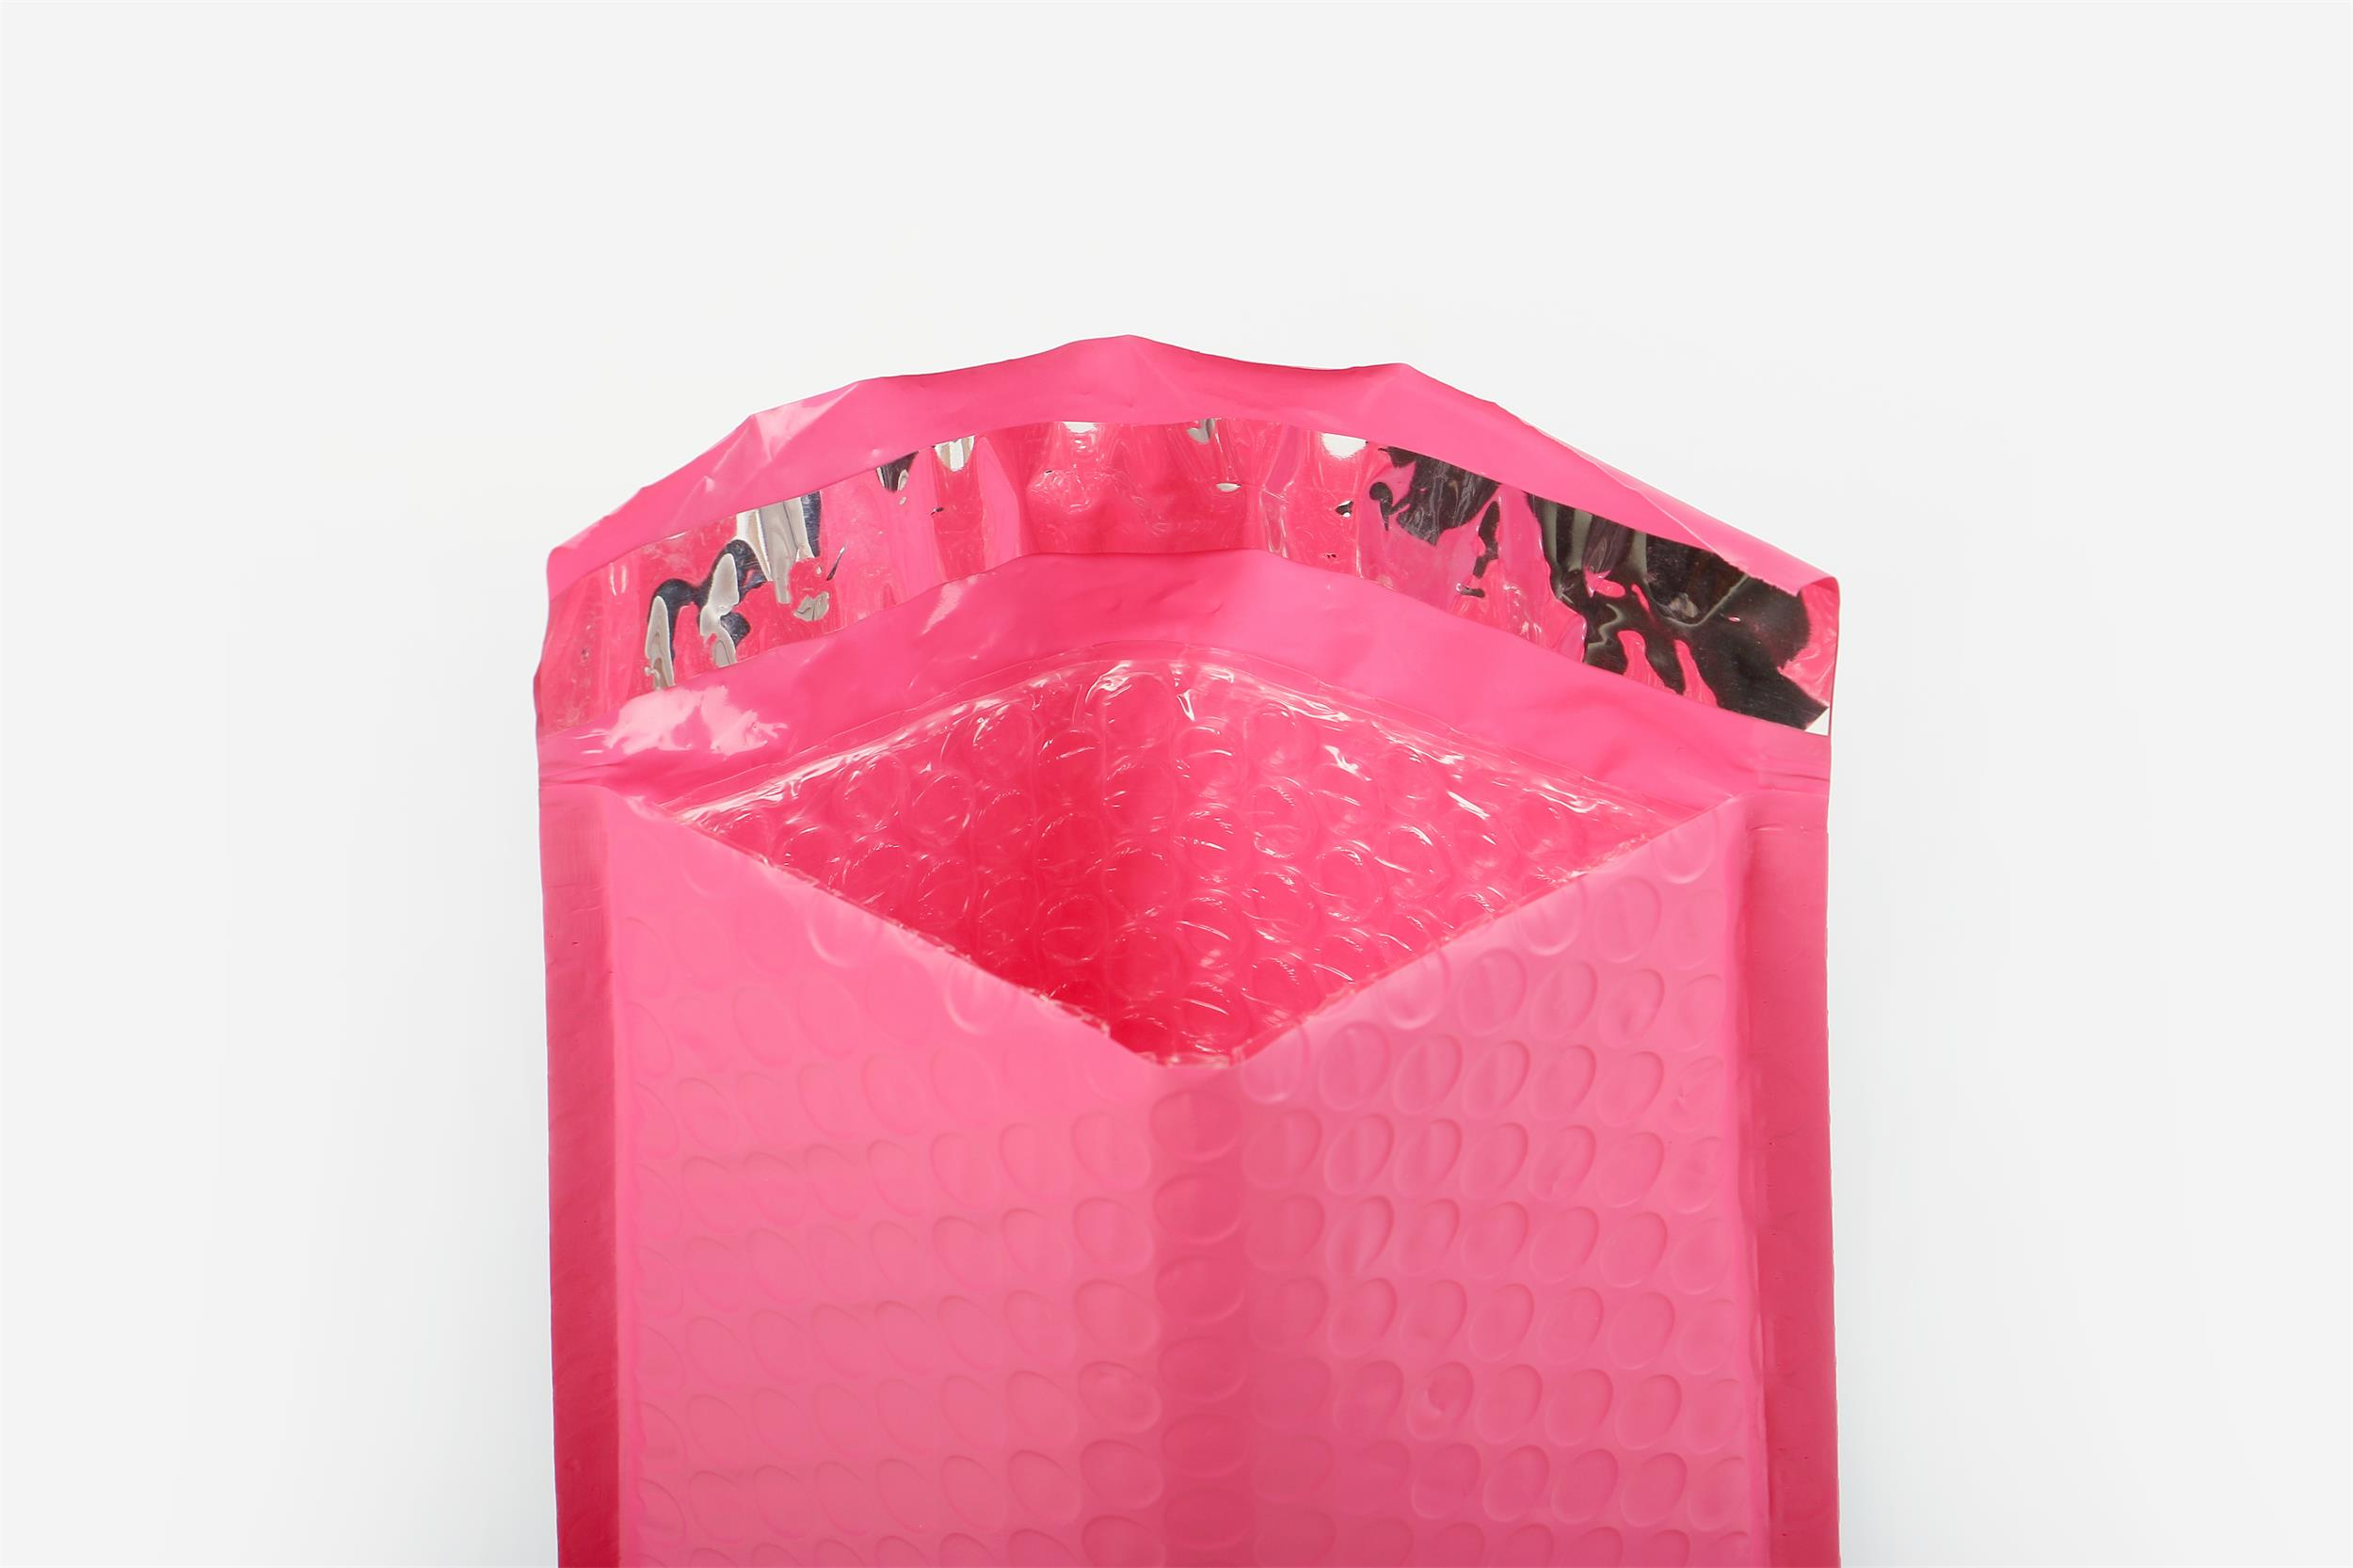 福建亚博ios下载袋定制具有哪些商业价值|世泉顺塑料